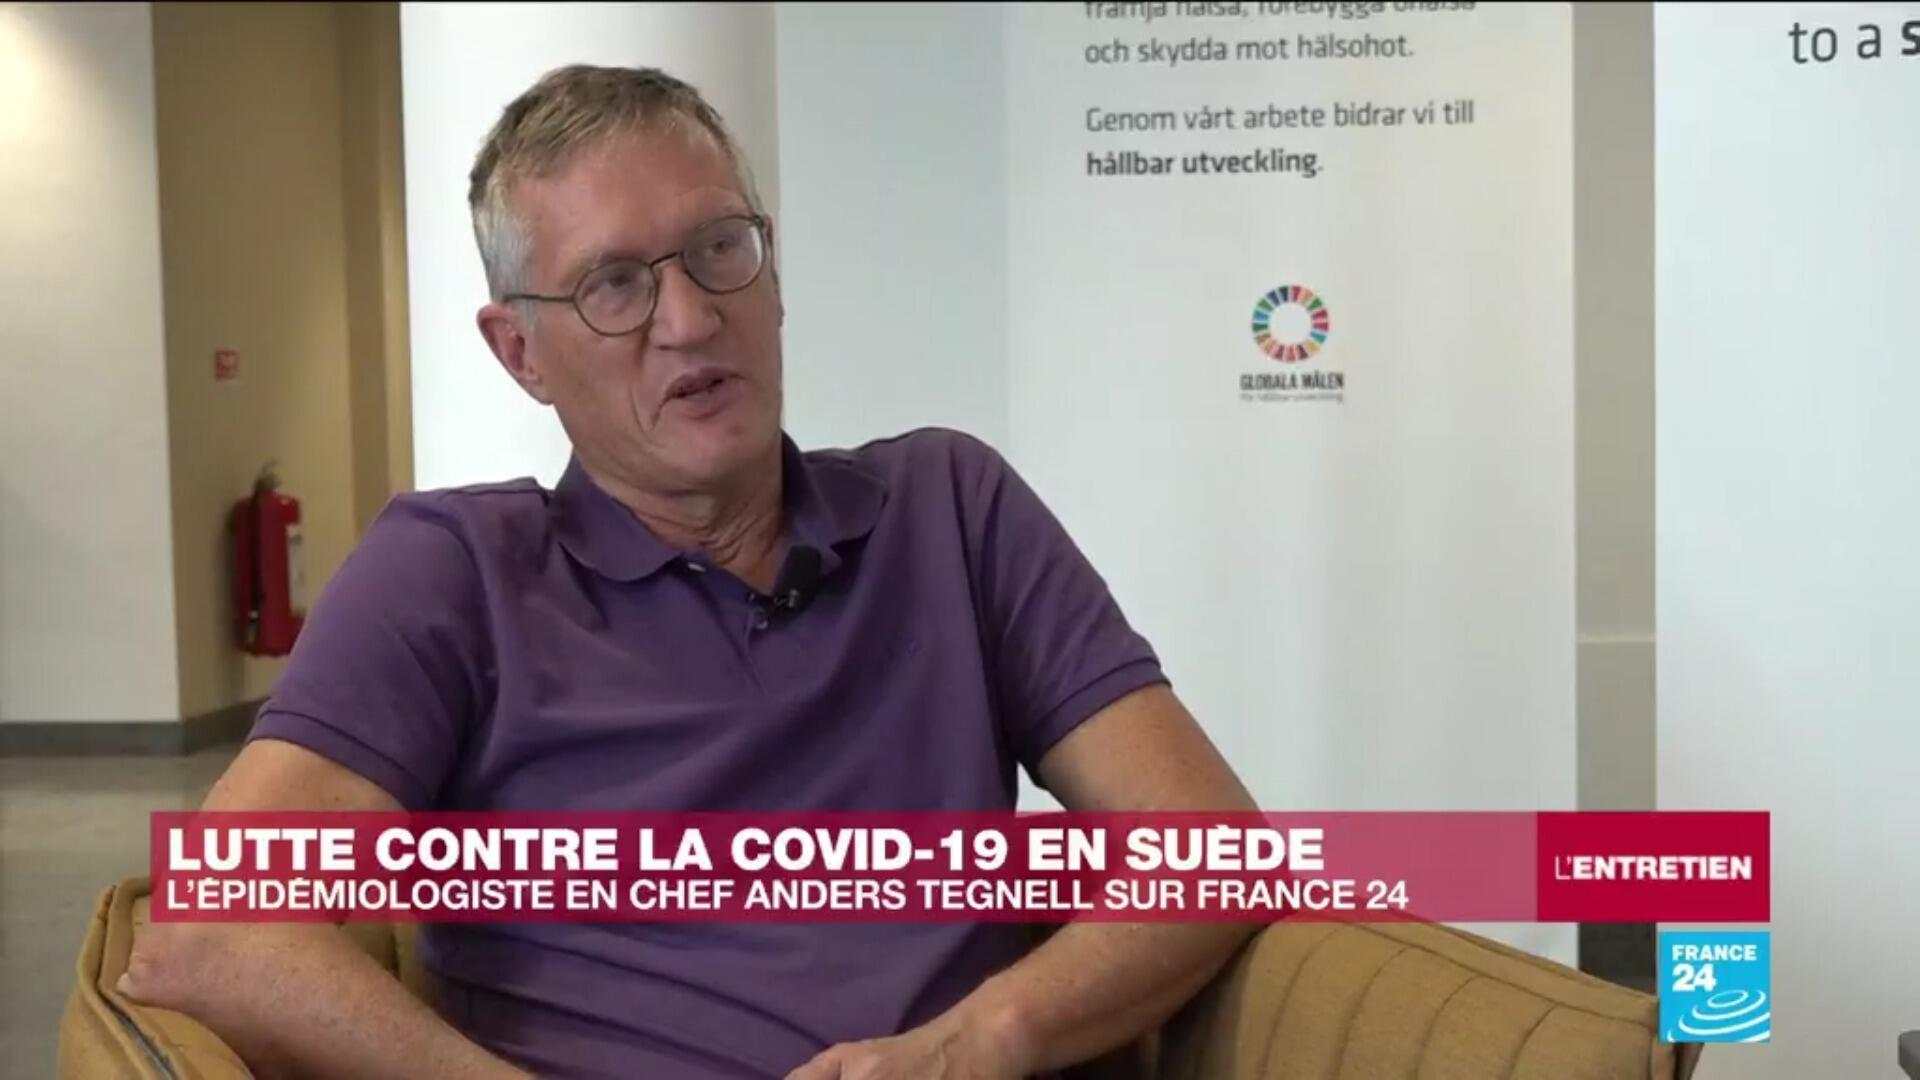 Anders Tegnell, épidémiologiste en chef de l'Agence de la santé publique suédoise